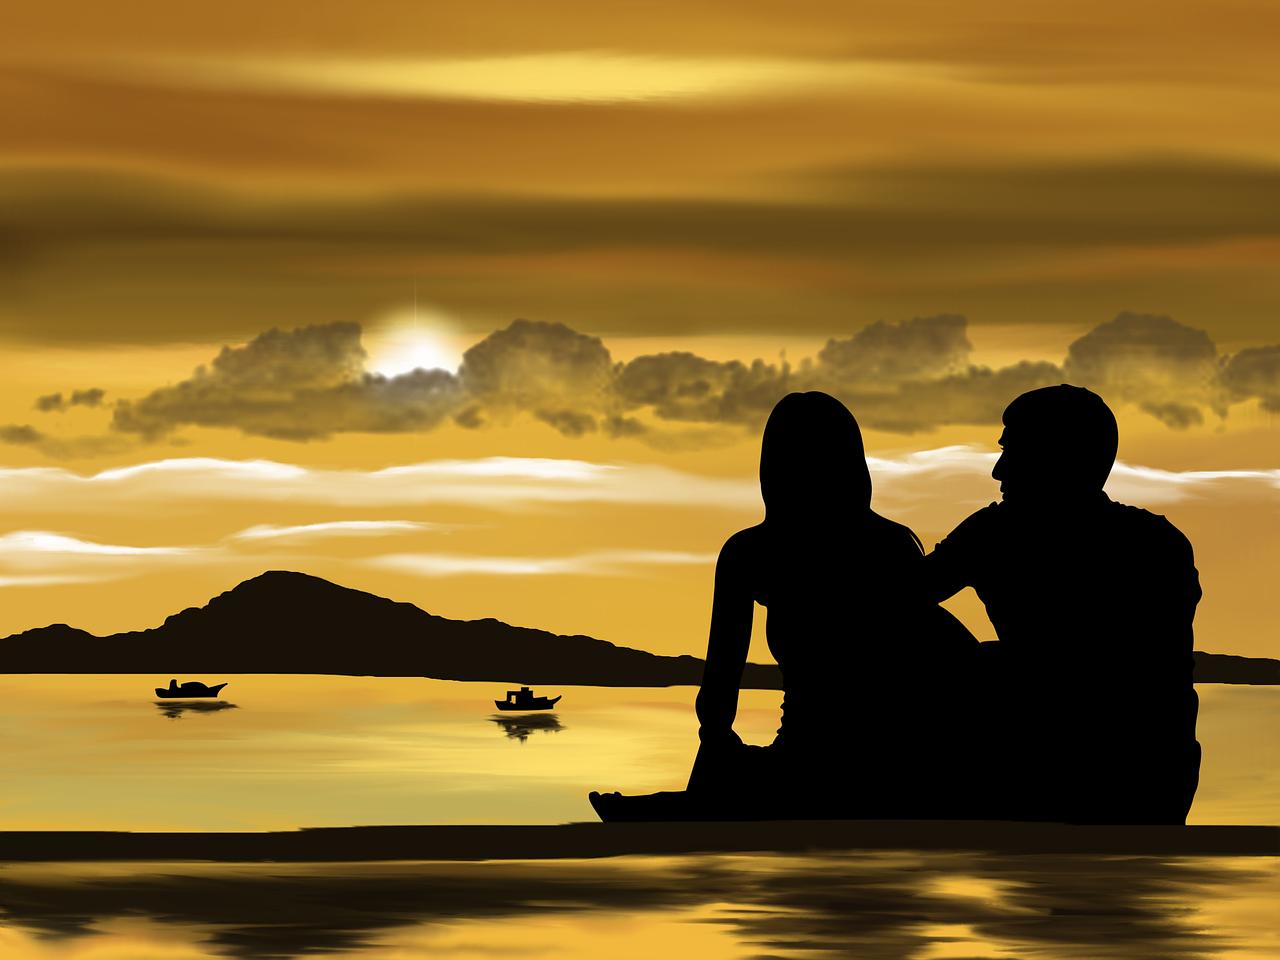 ljubavni horoskop vodeni znakovi